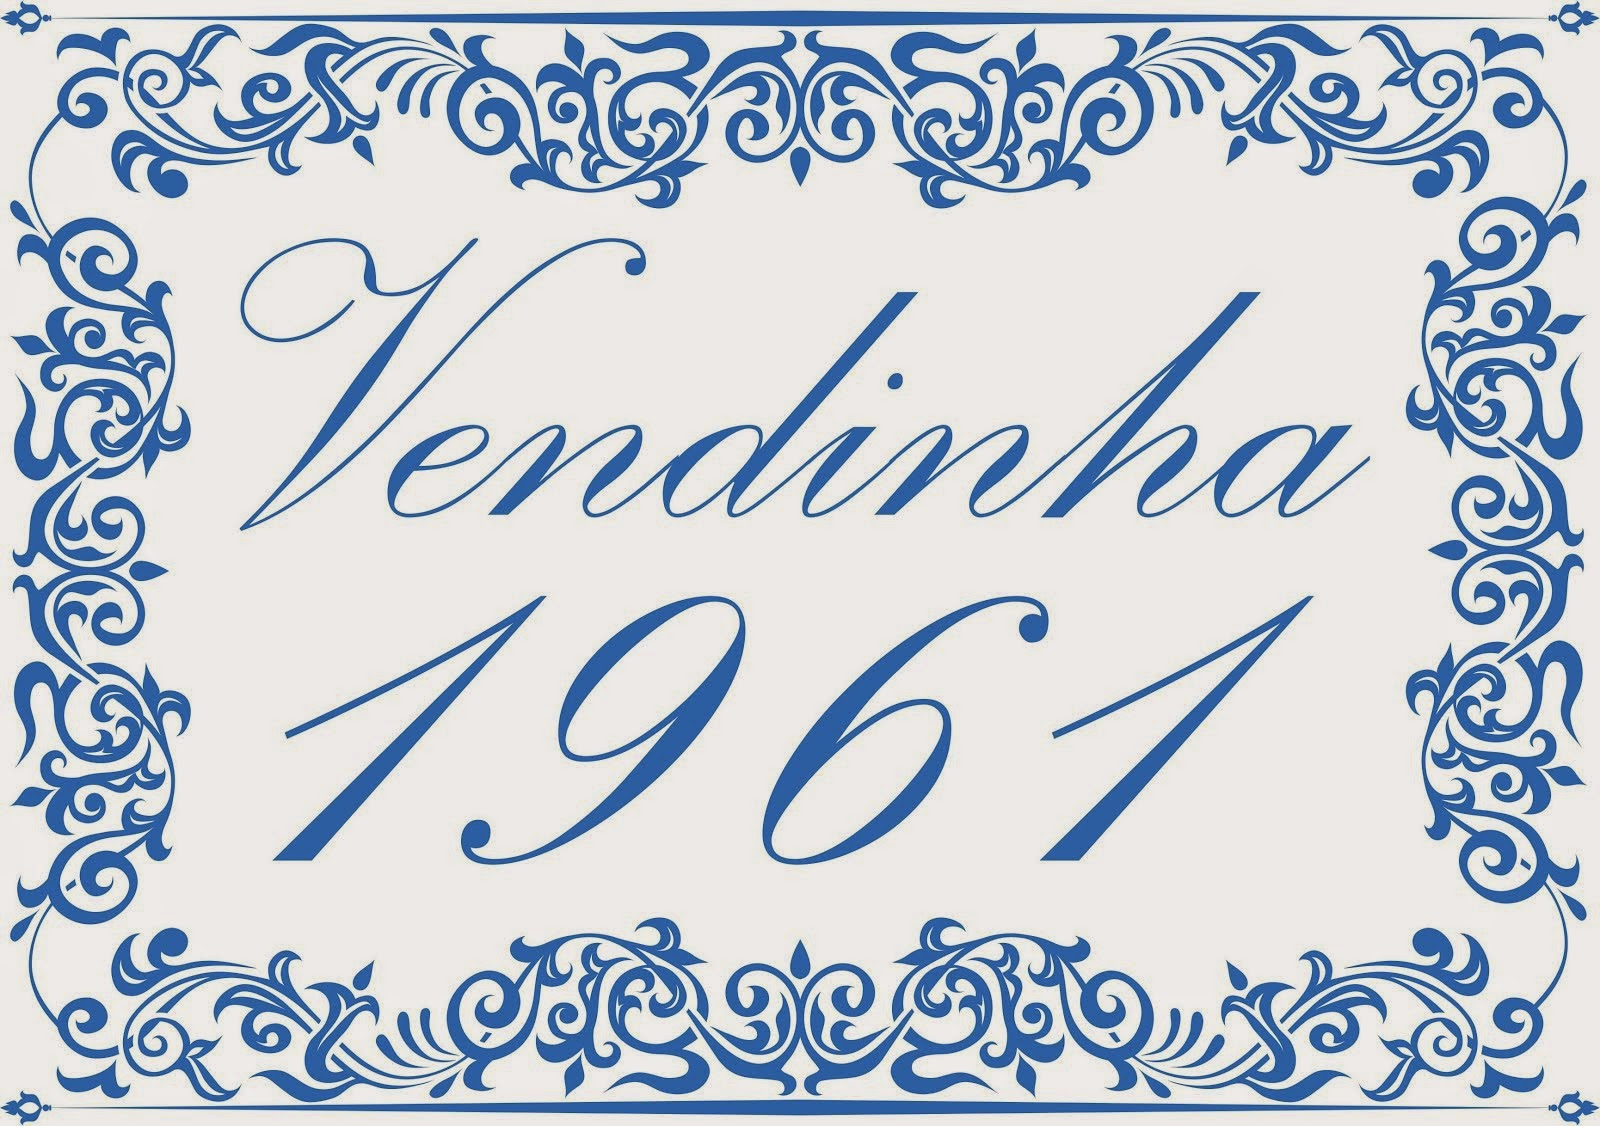 Vendinha 1961